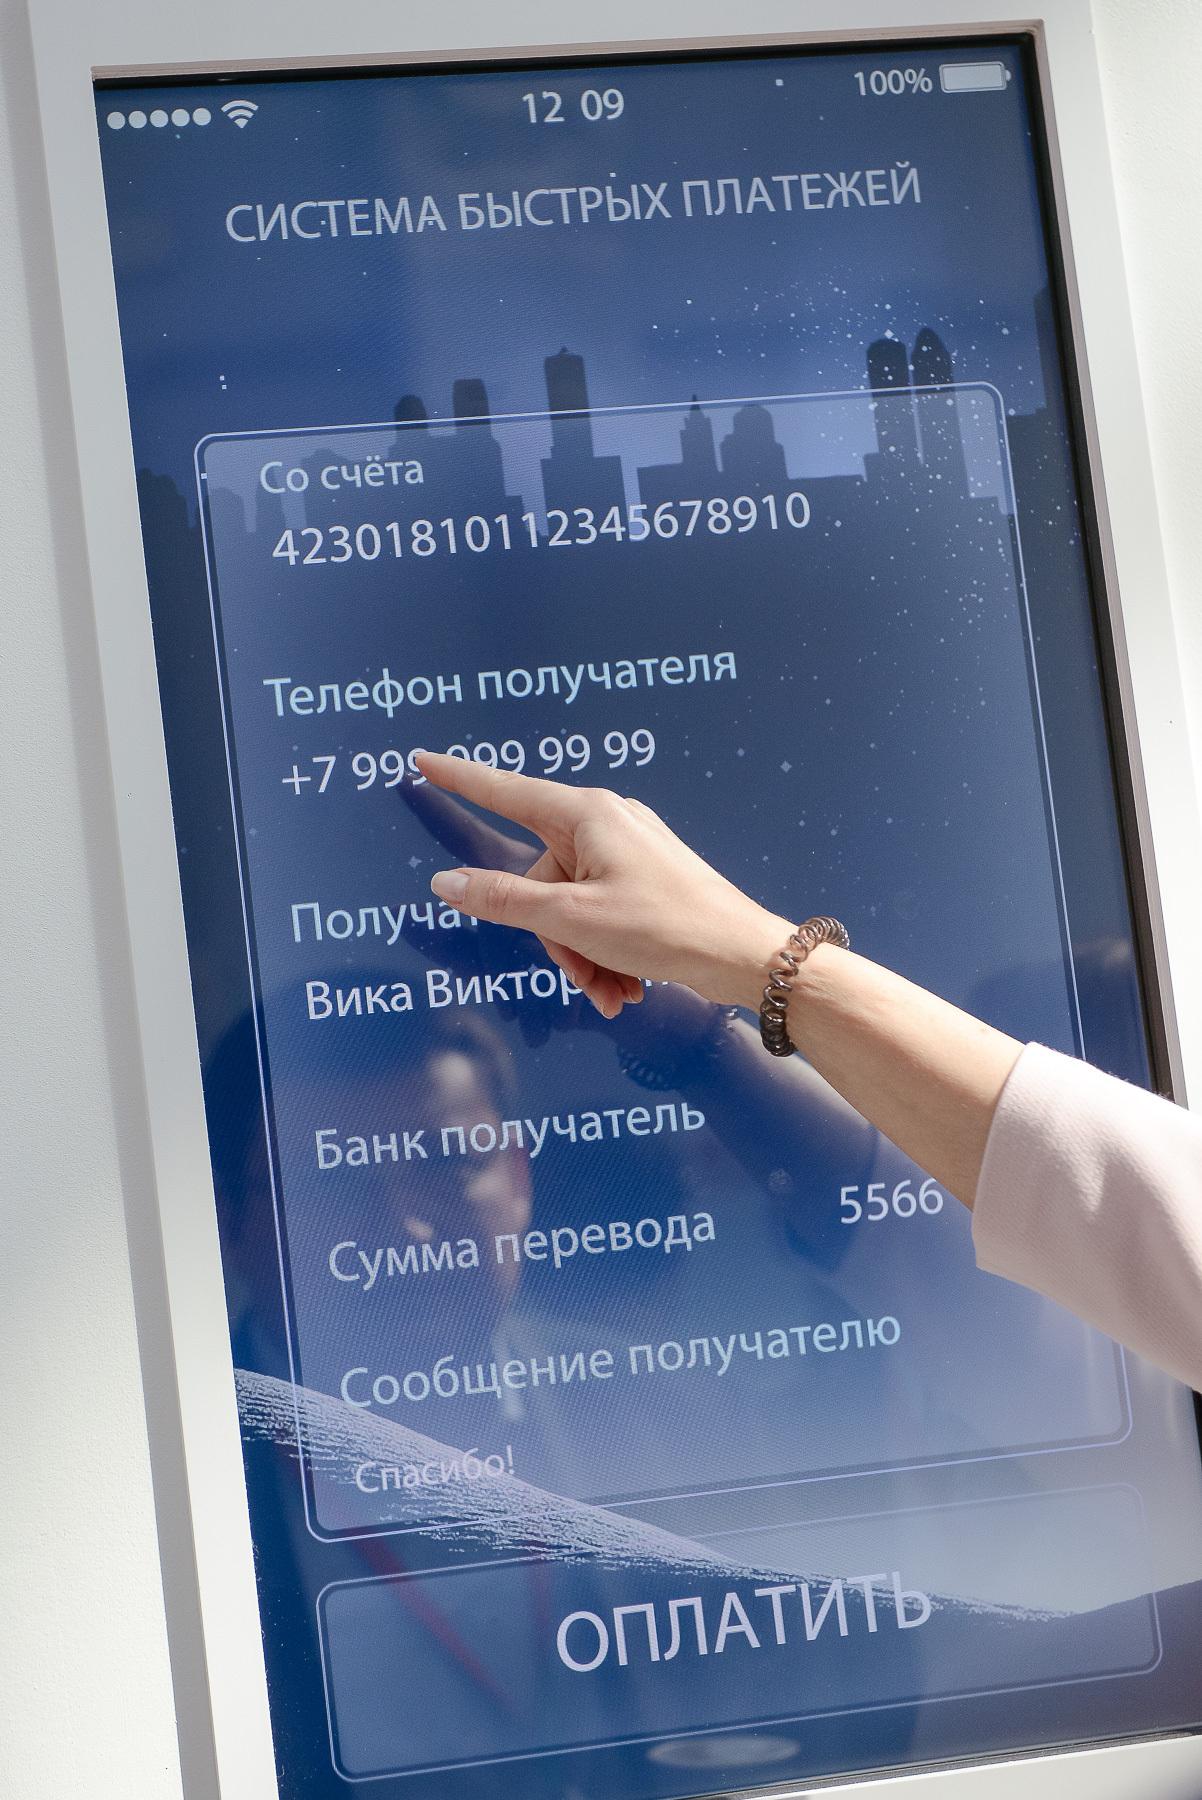 Система быстрых платежей — русский эксперт